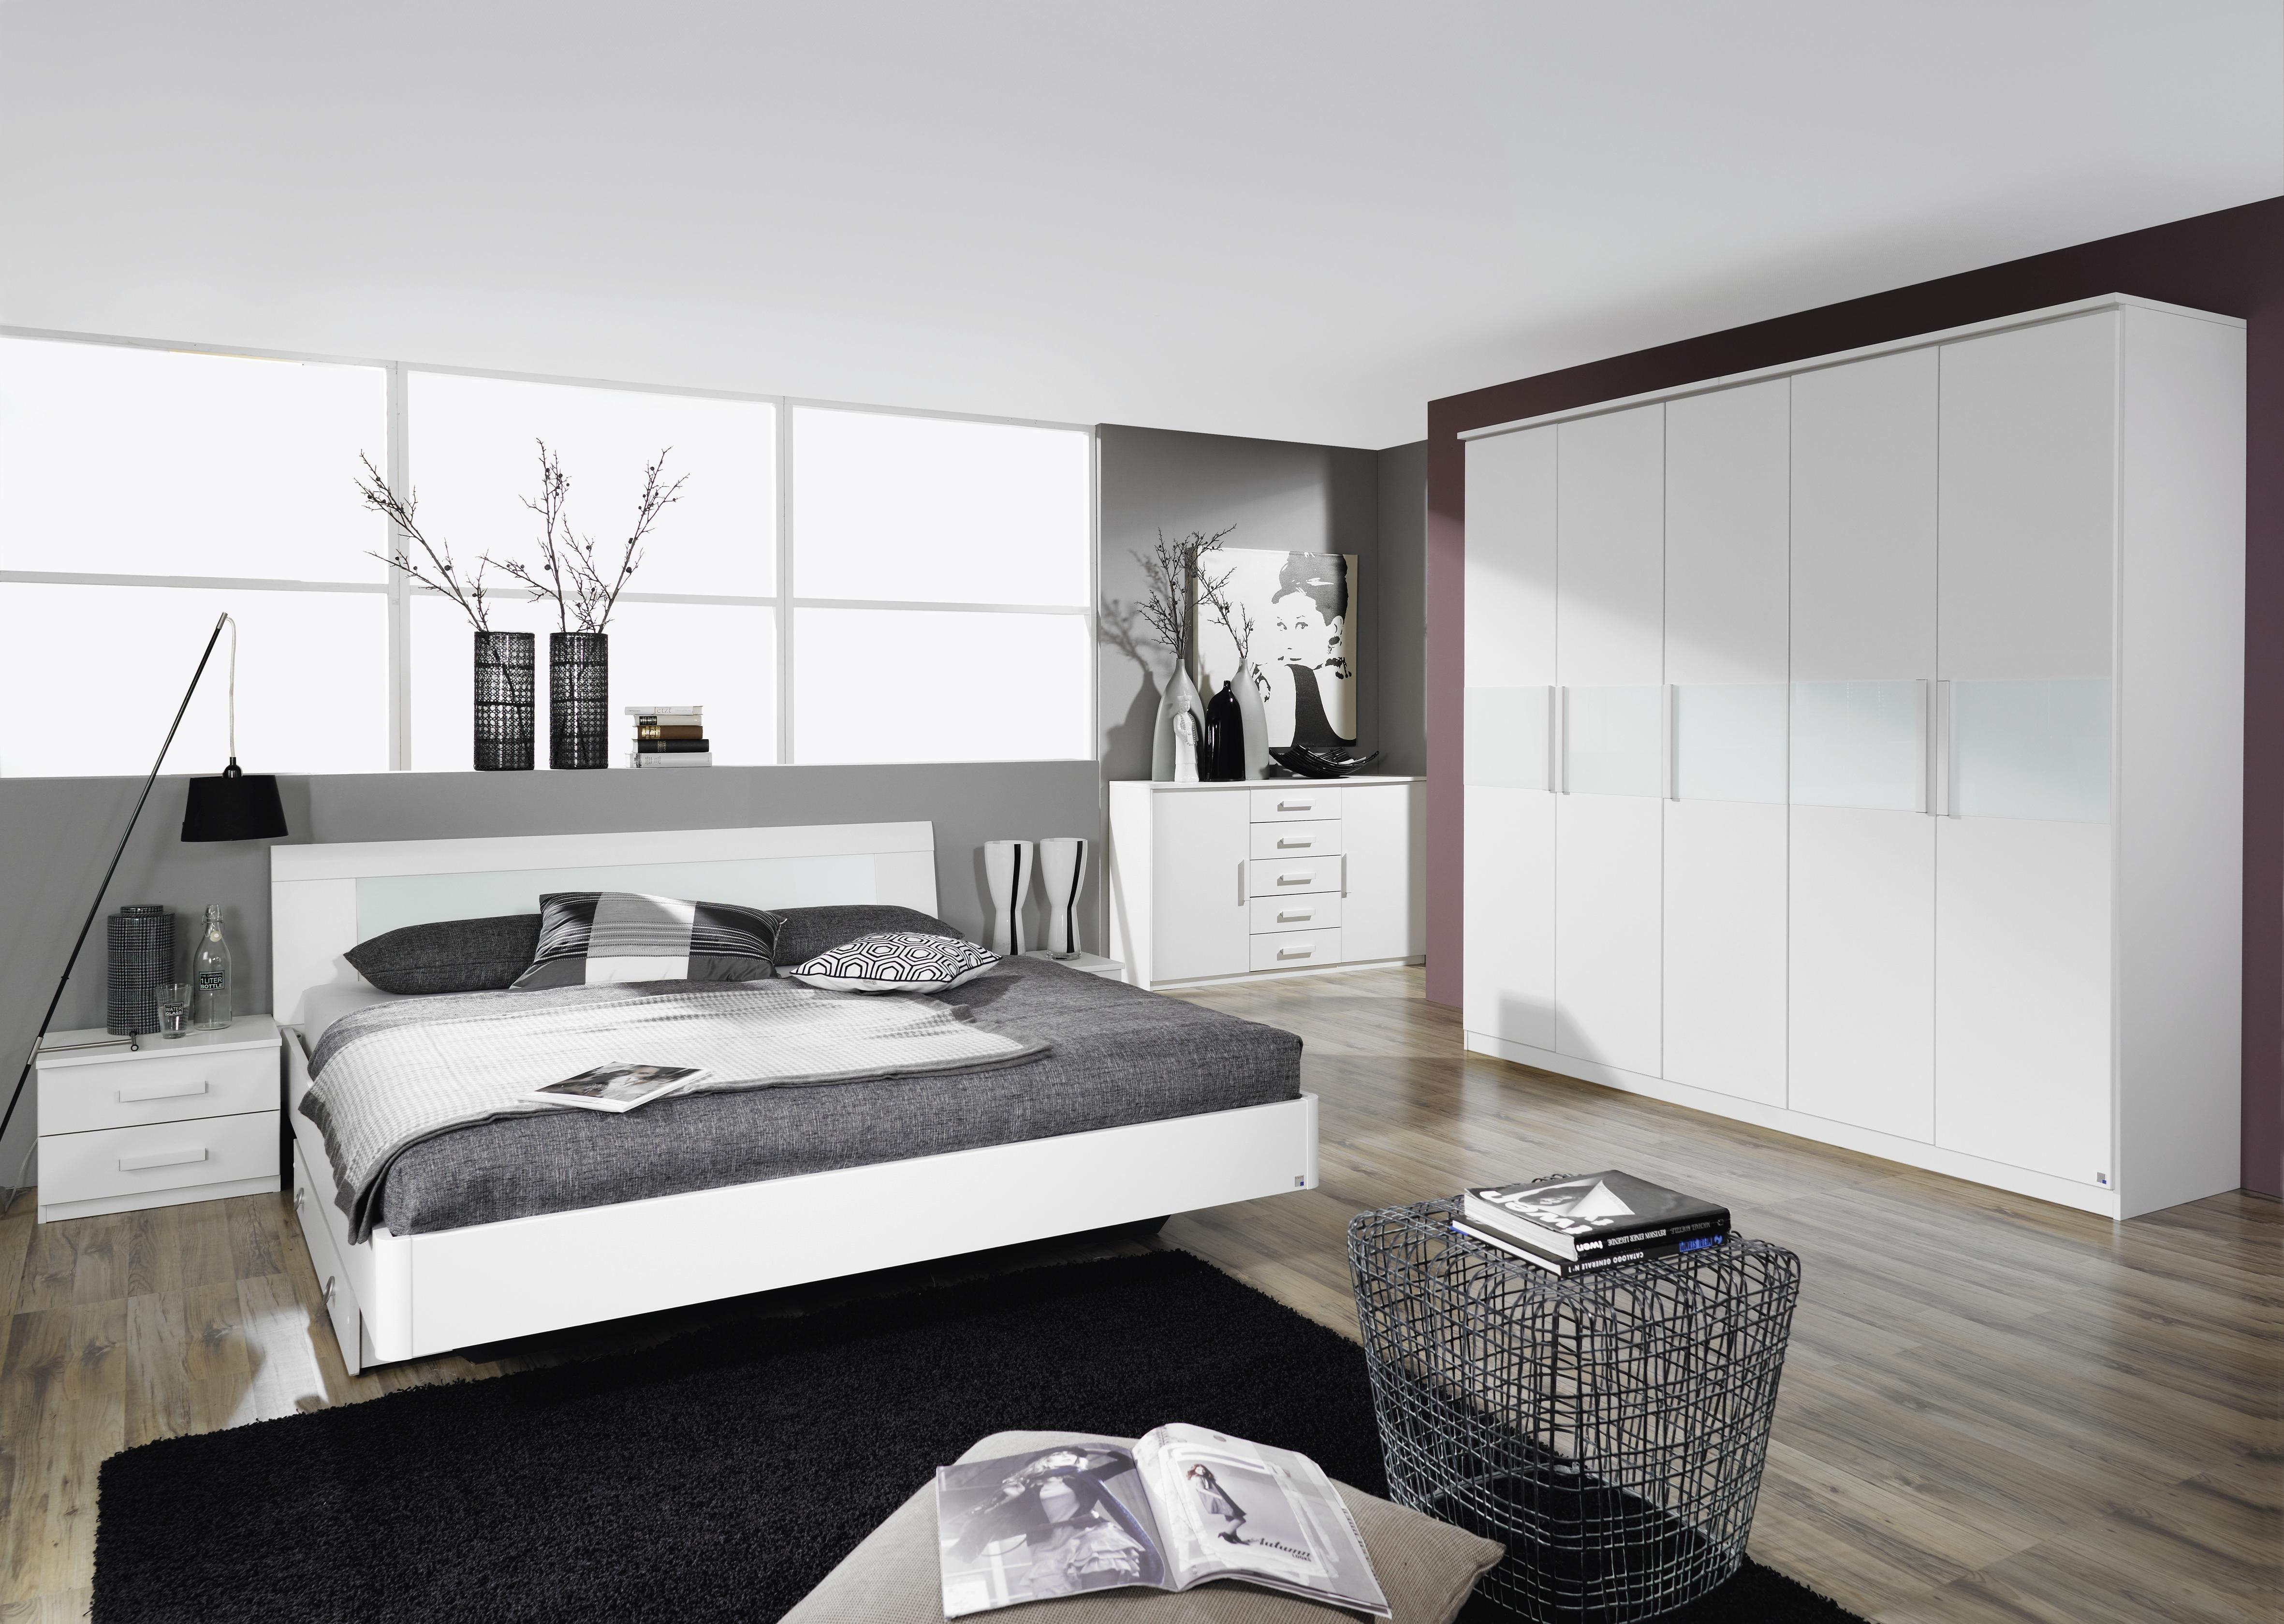 Schlafzimmer Mit Bett 180 X 200 Cm Alpinweiss / Glas Weiss Woody 33 00674  Holz